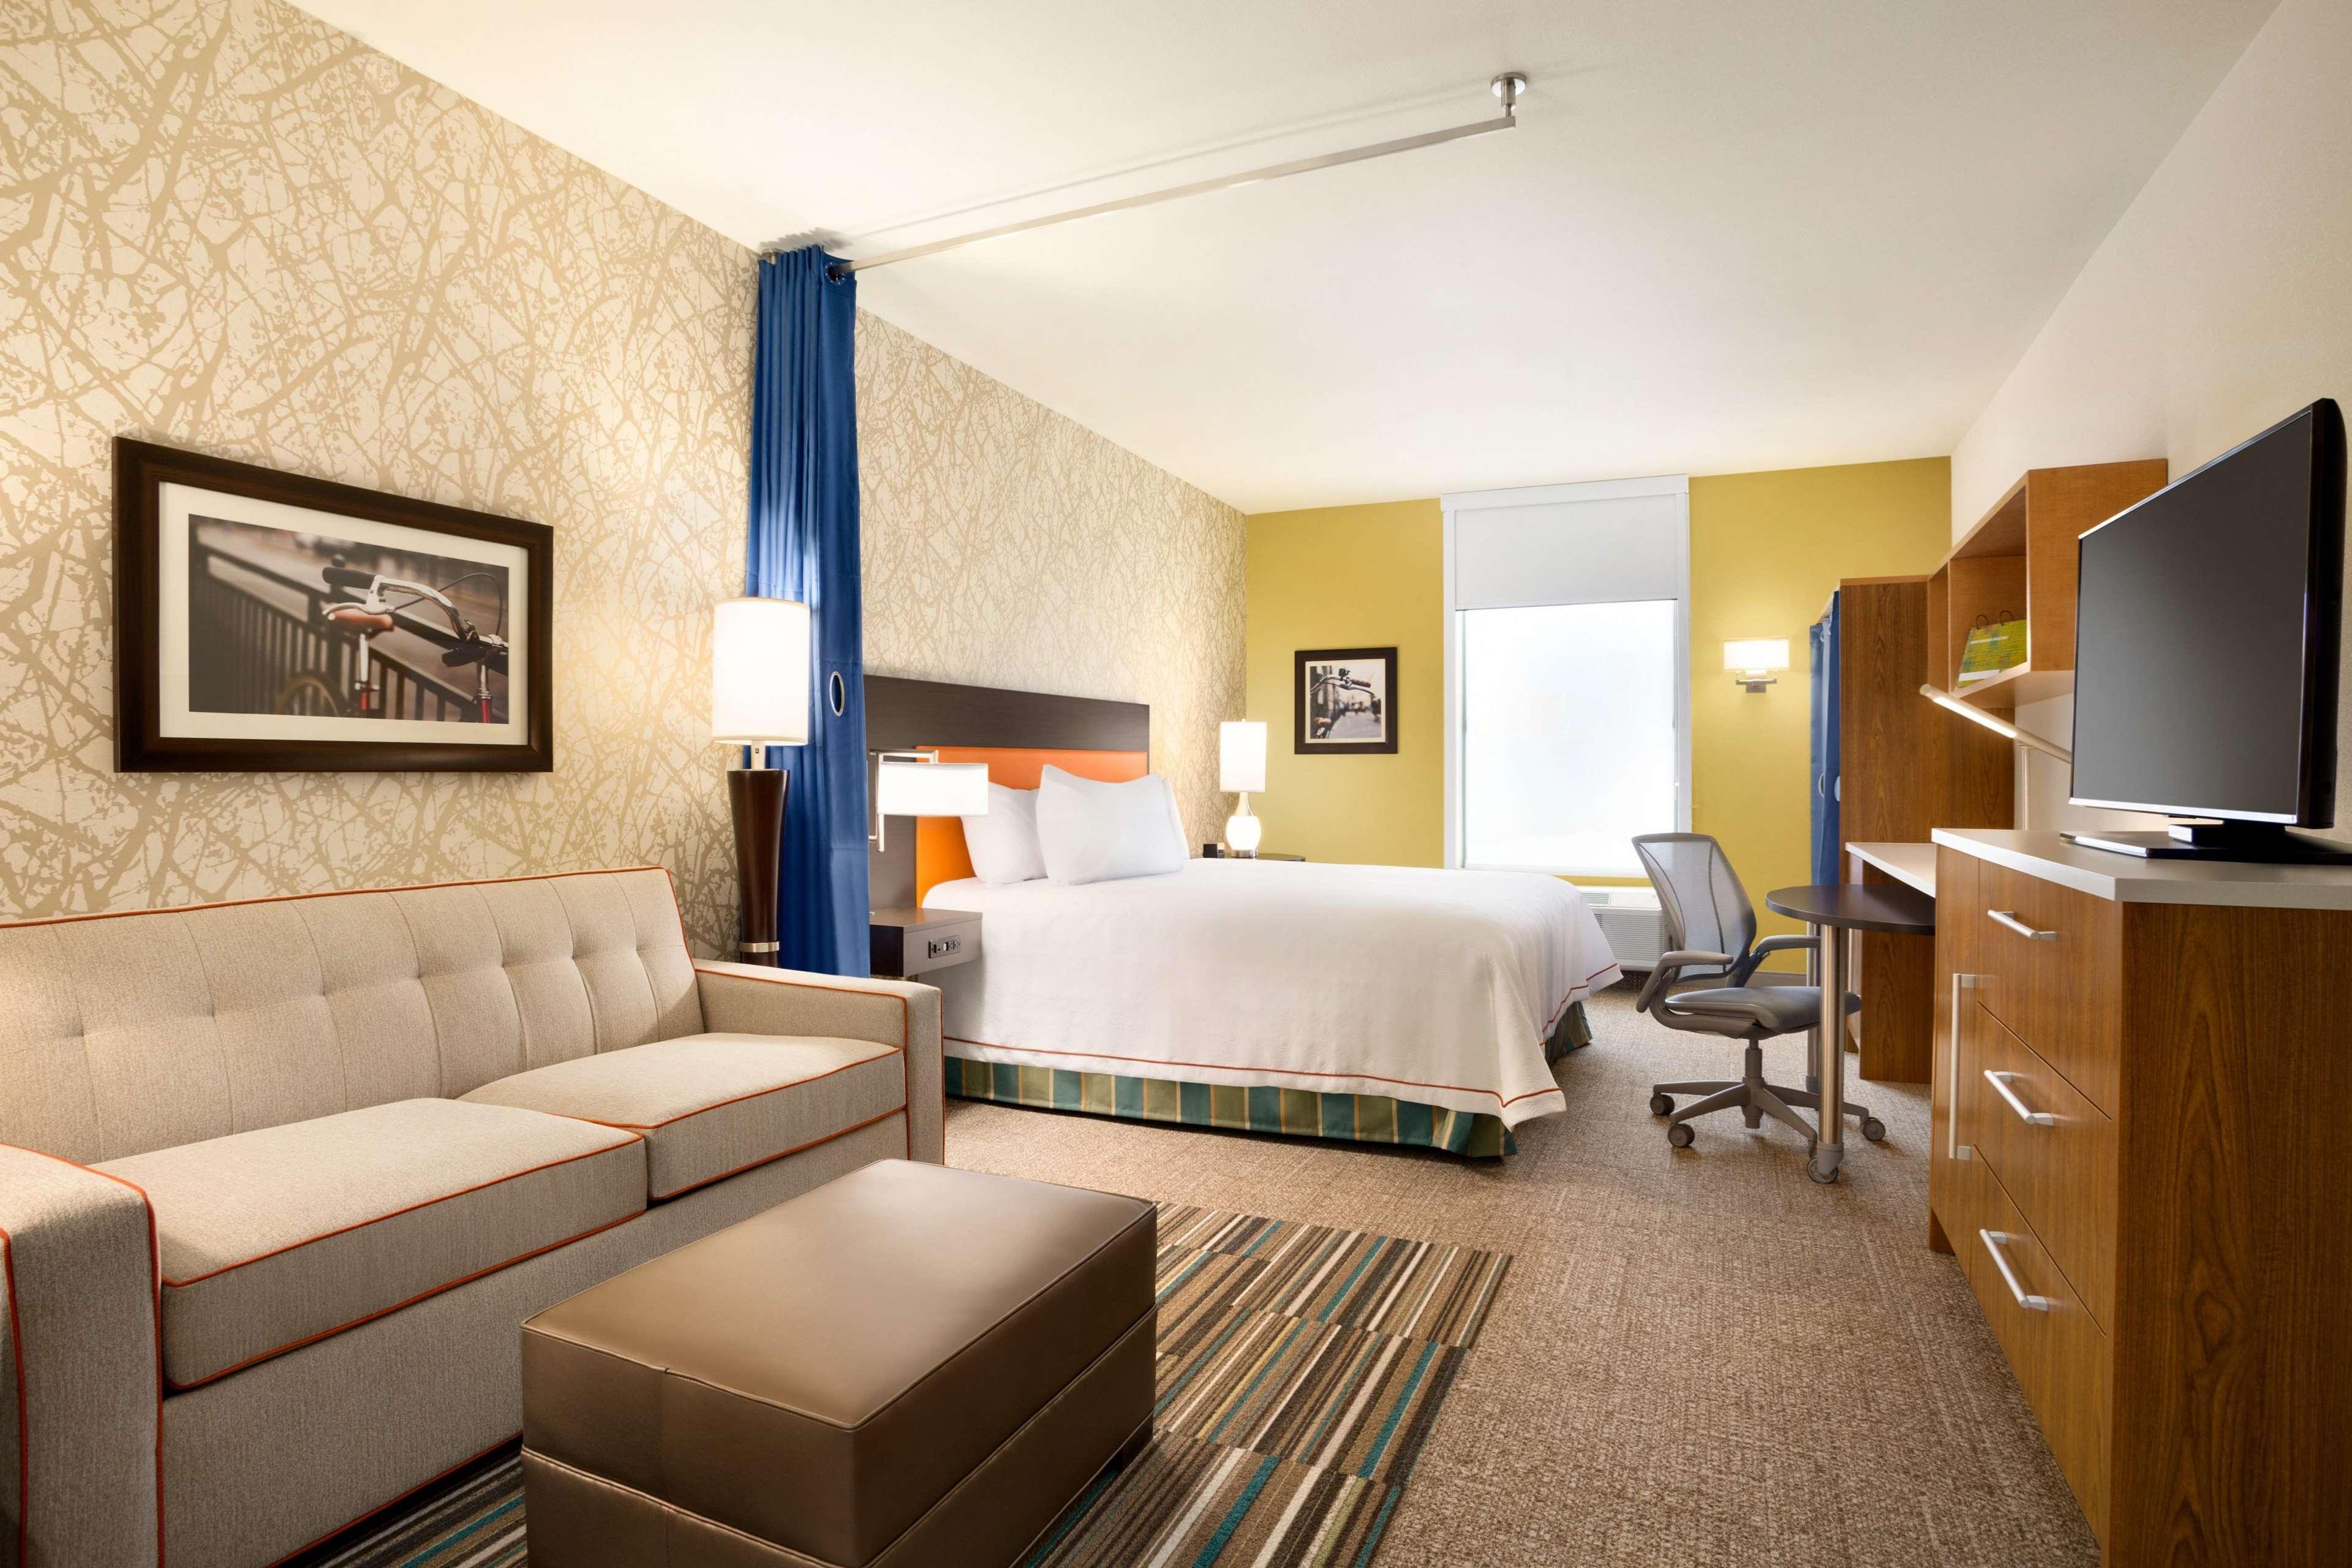 Home2 Suites by Hilton Birmingham Downtown image 3